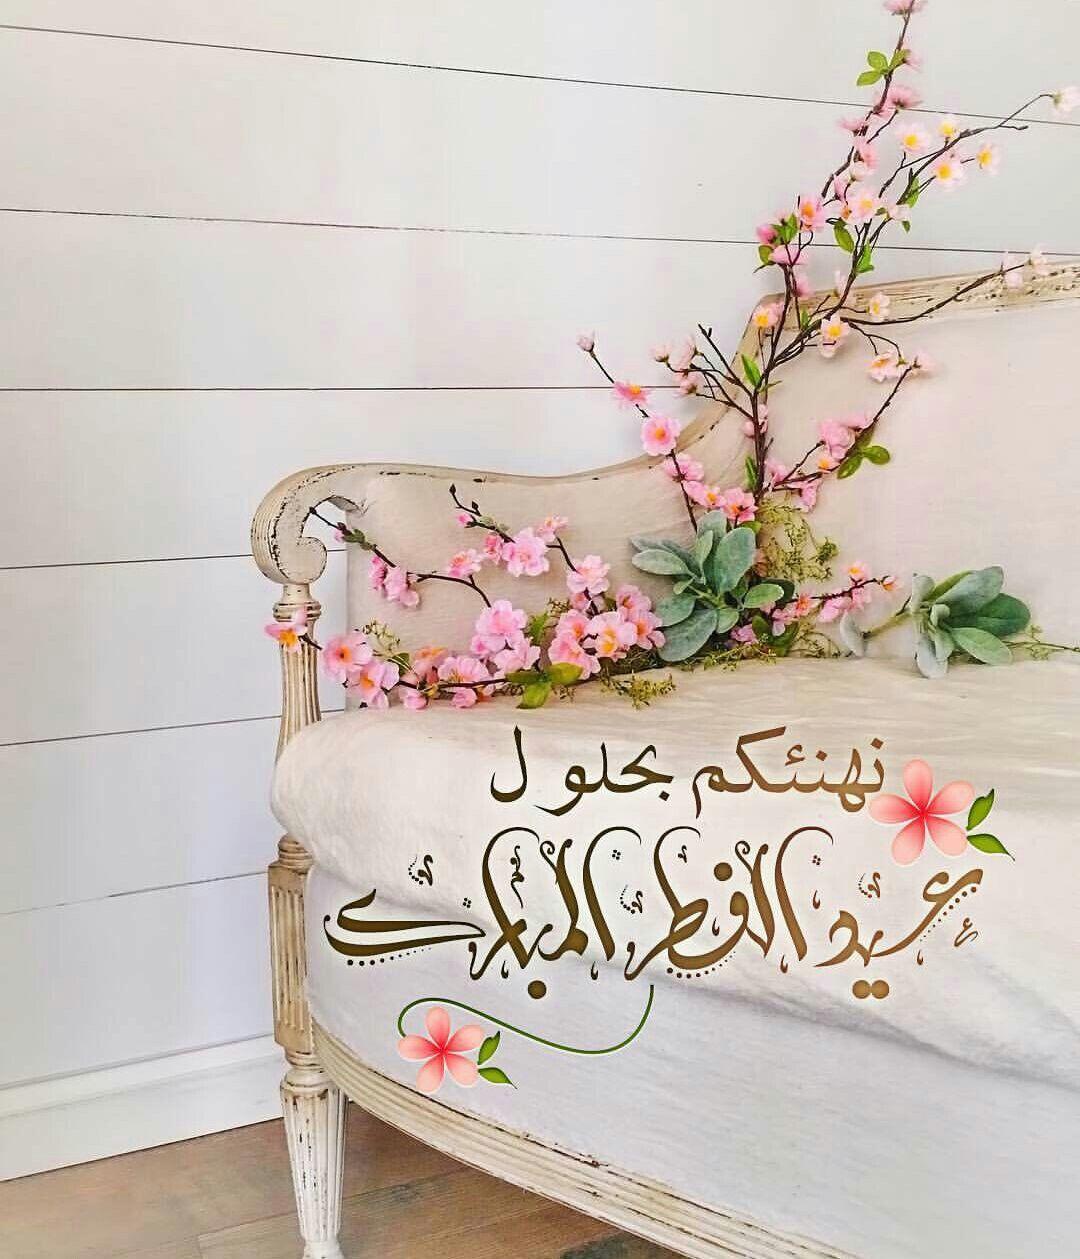 Pin By Dina On Eid Ramadan Eid Images Eid Cards Eid Mubarek